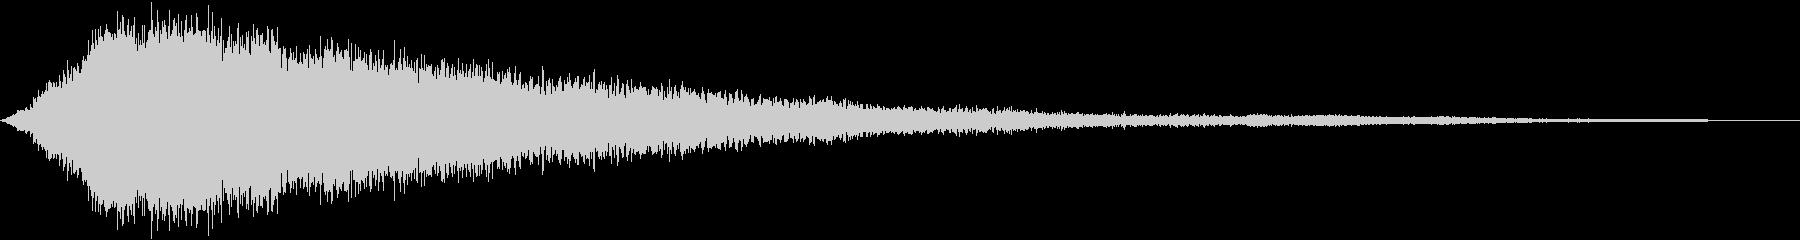 【シネマティック】 ドローン_11の未再生の波形